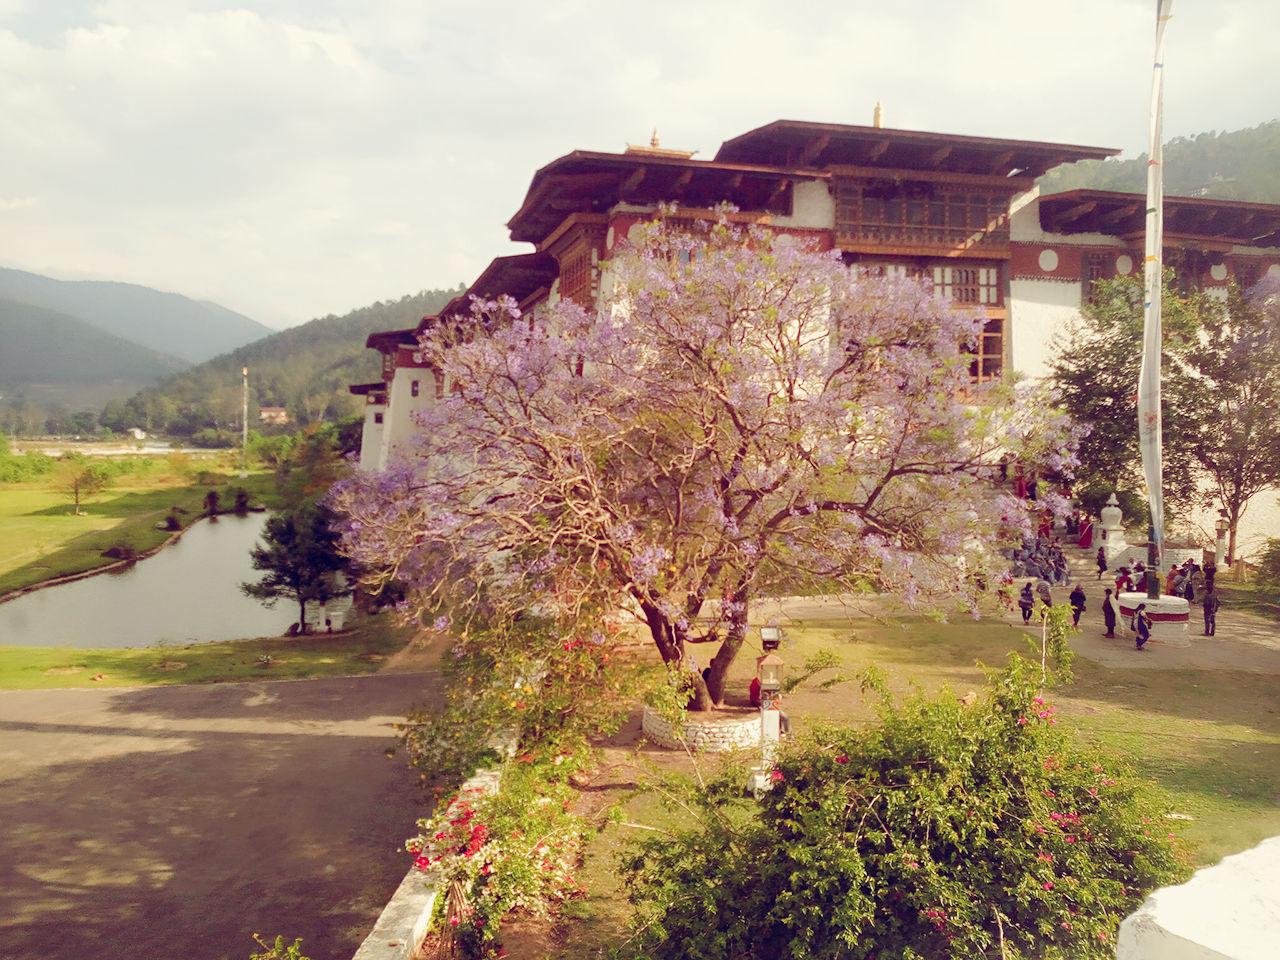 Photo of Paro Taktsang By Shikha Jha Mallik